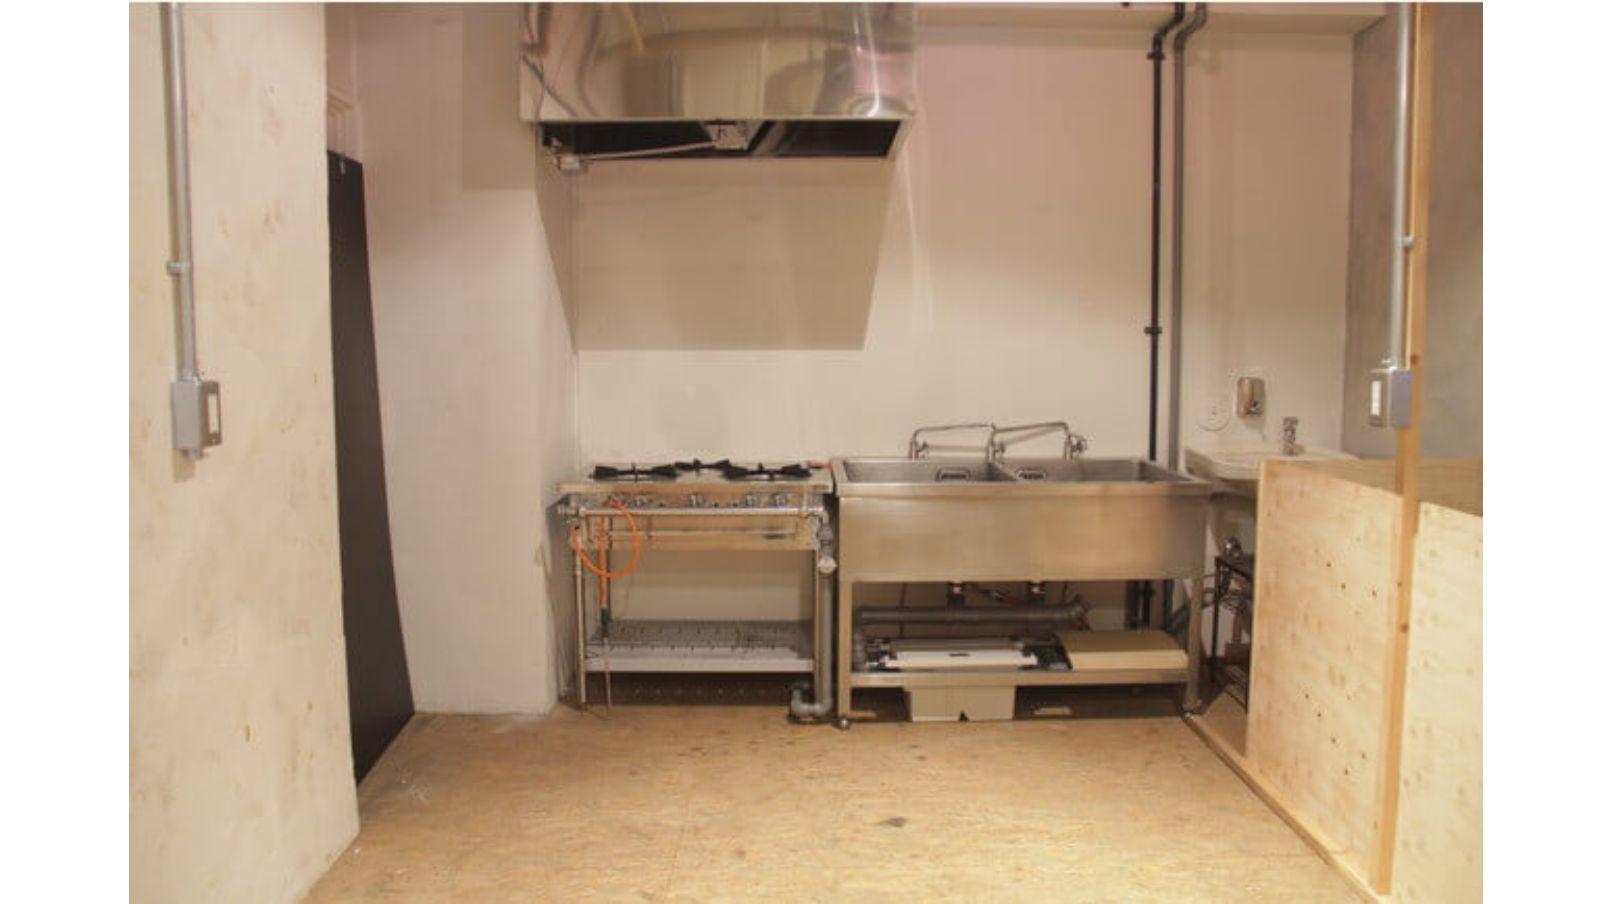 デリバリー・テイクアウト専門レンタルシェアキッチン「頂キッチン」のサービスをスタート。